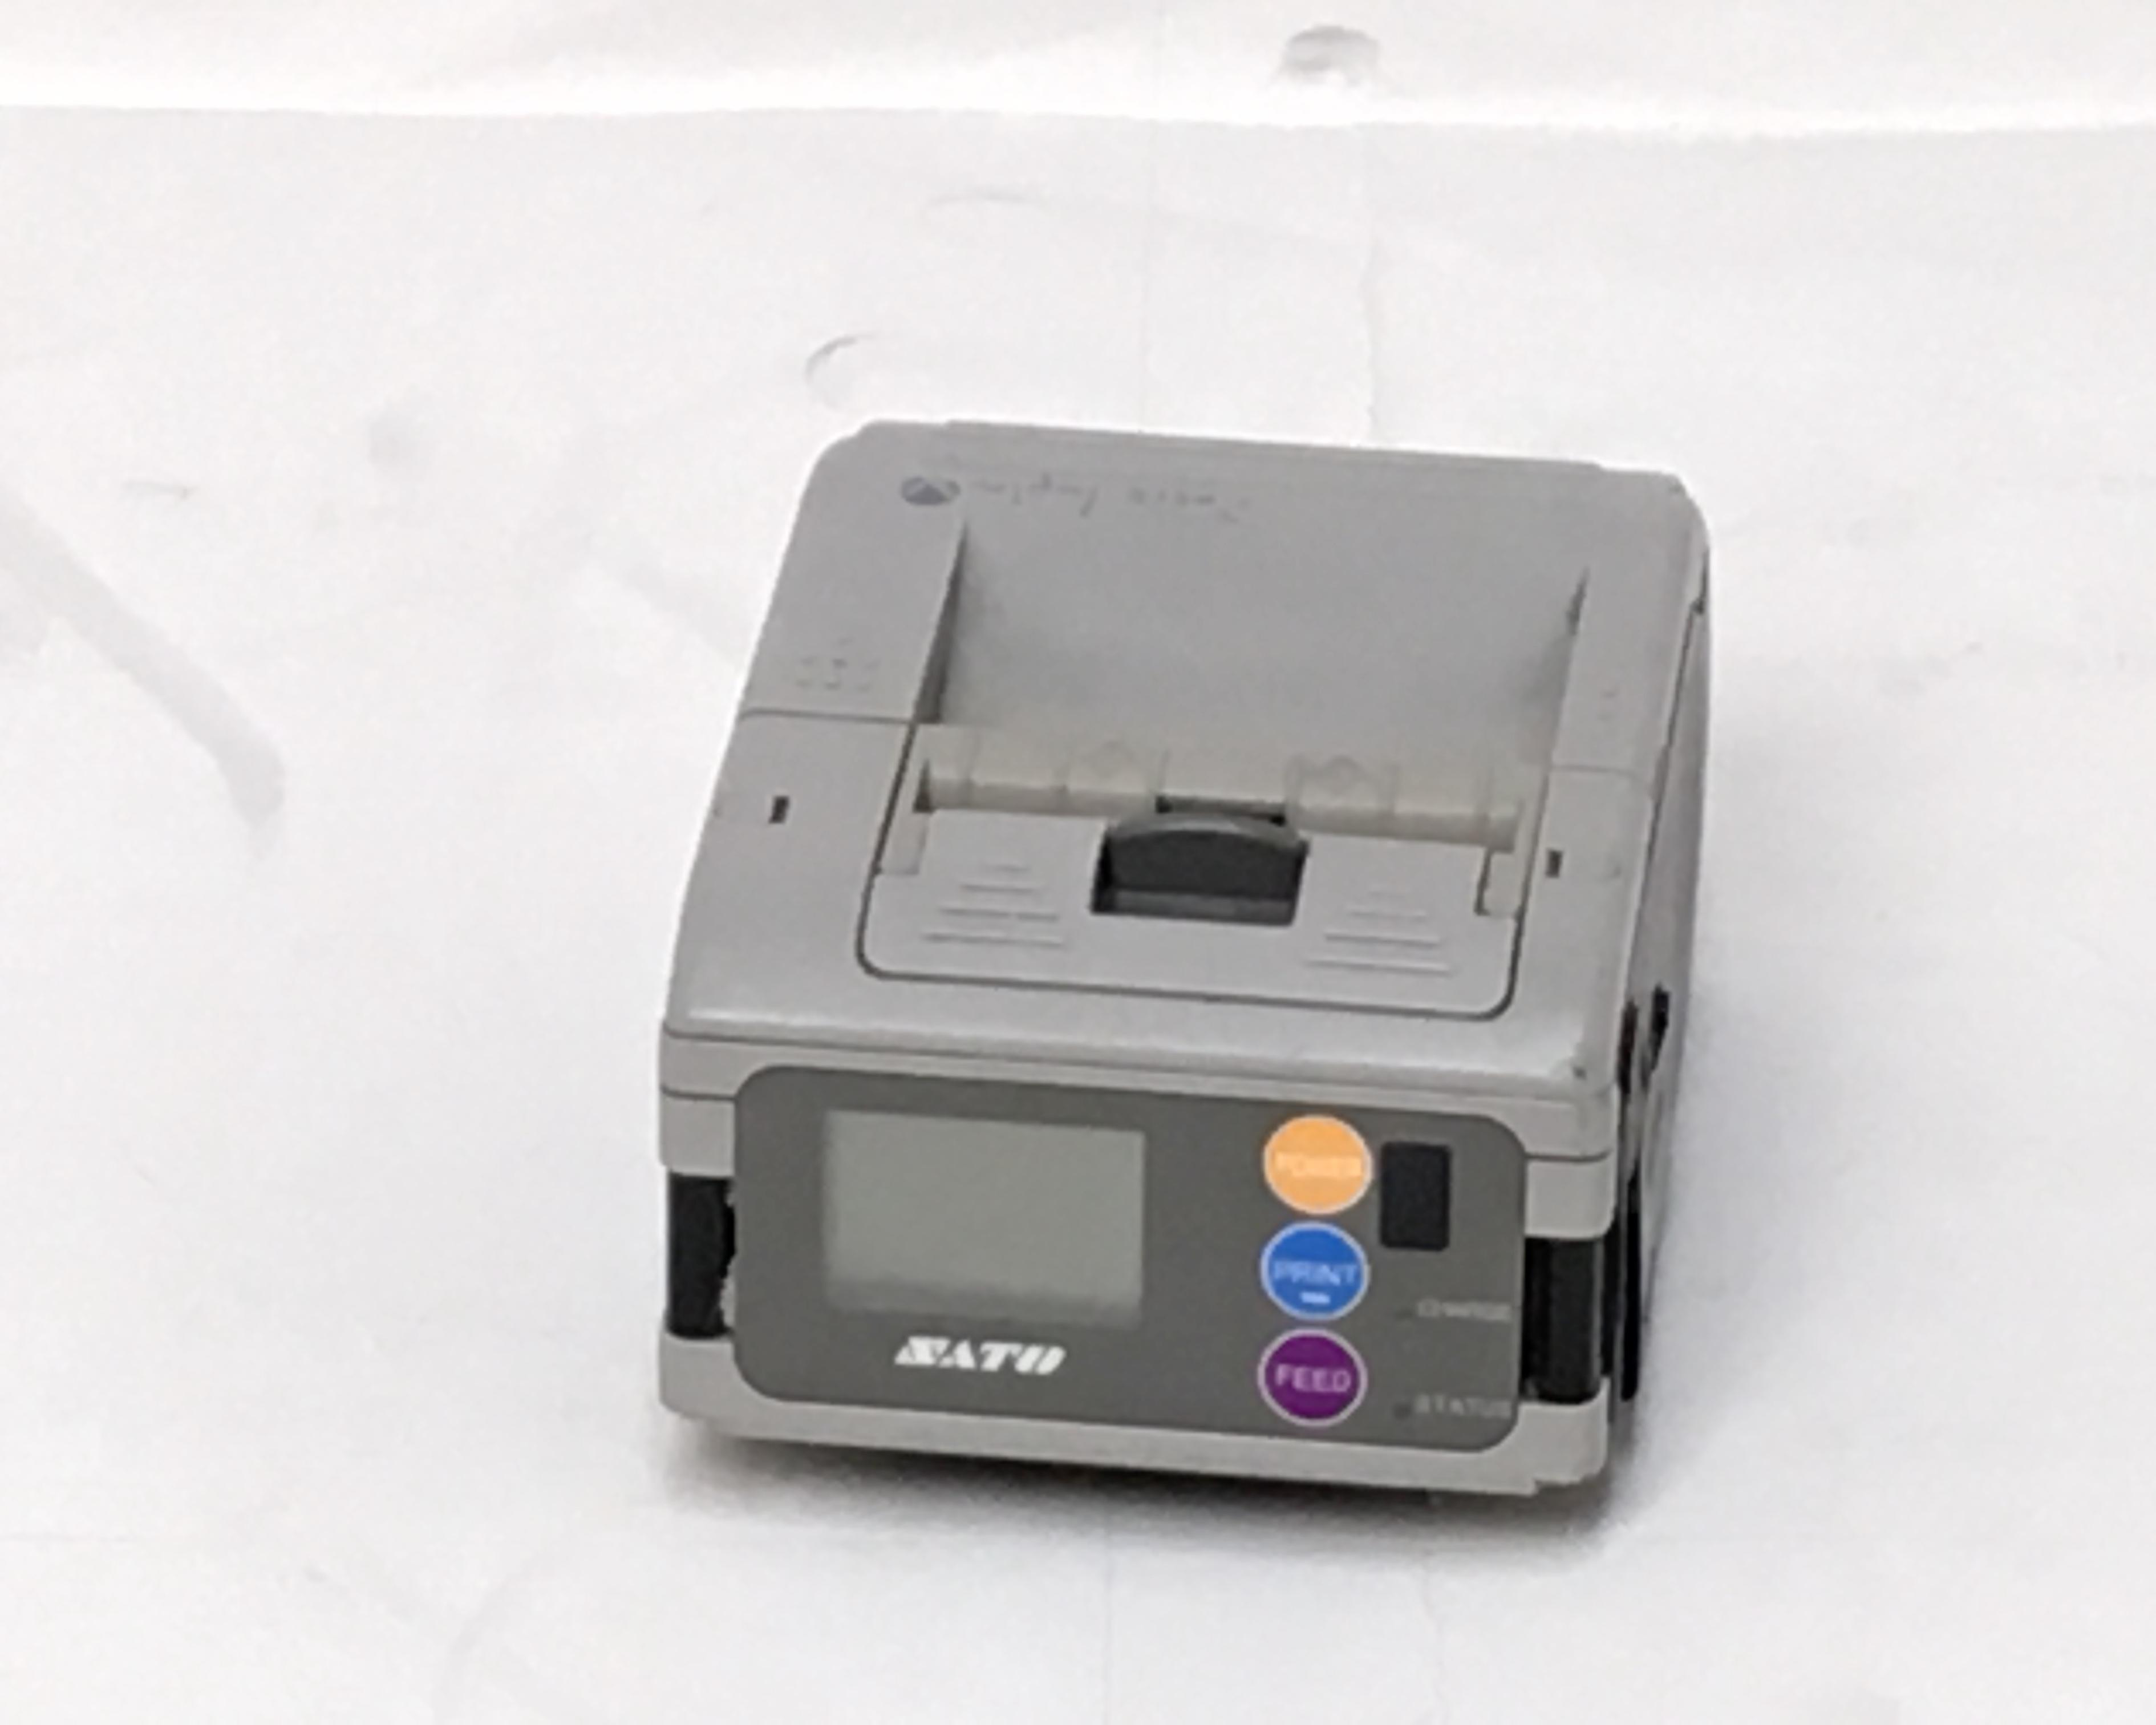 【お買得中古】プチラパン PT208e-W4 無線LAN メイン画像